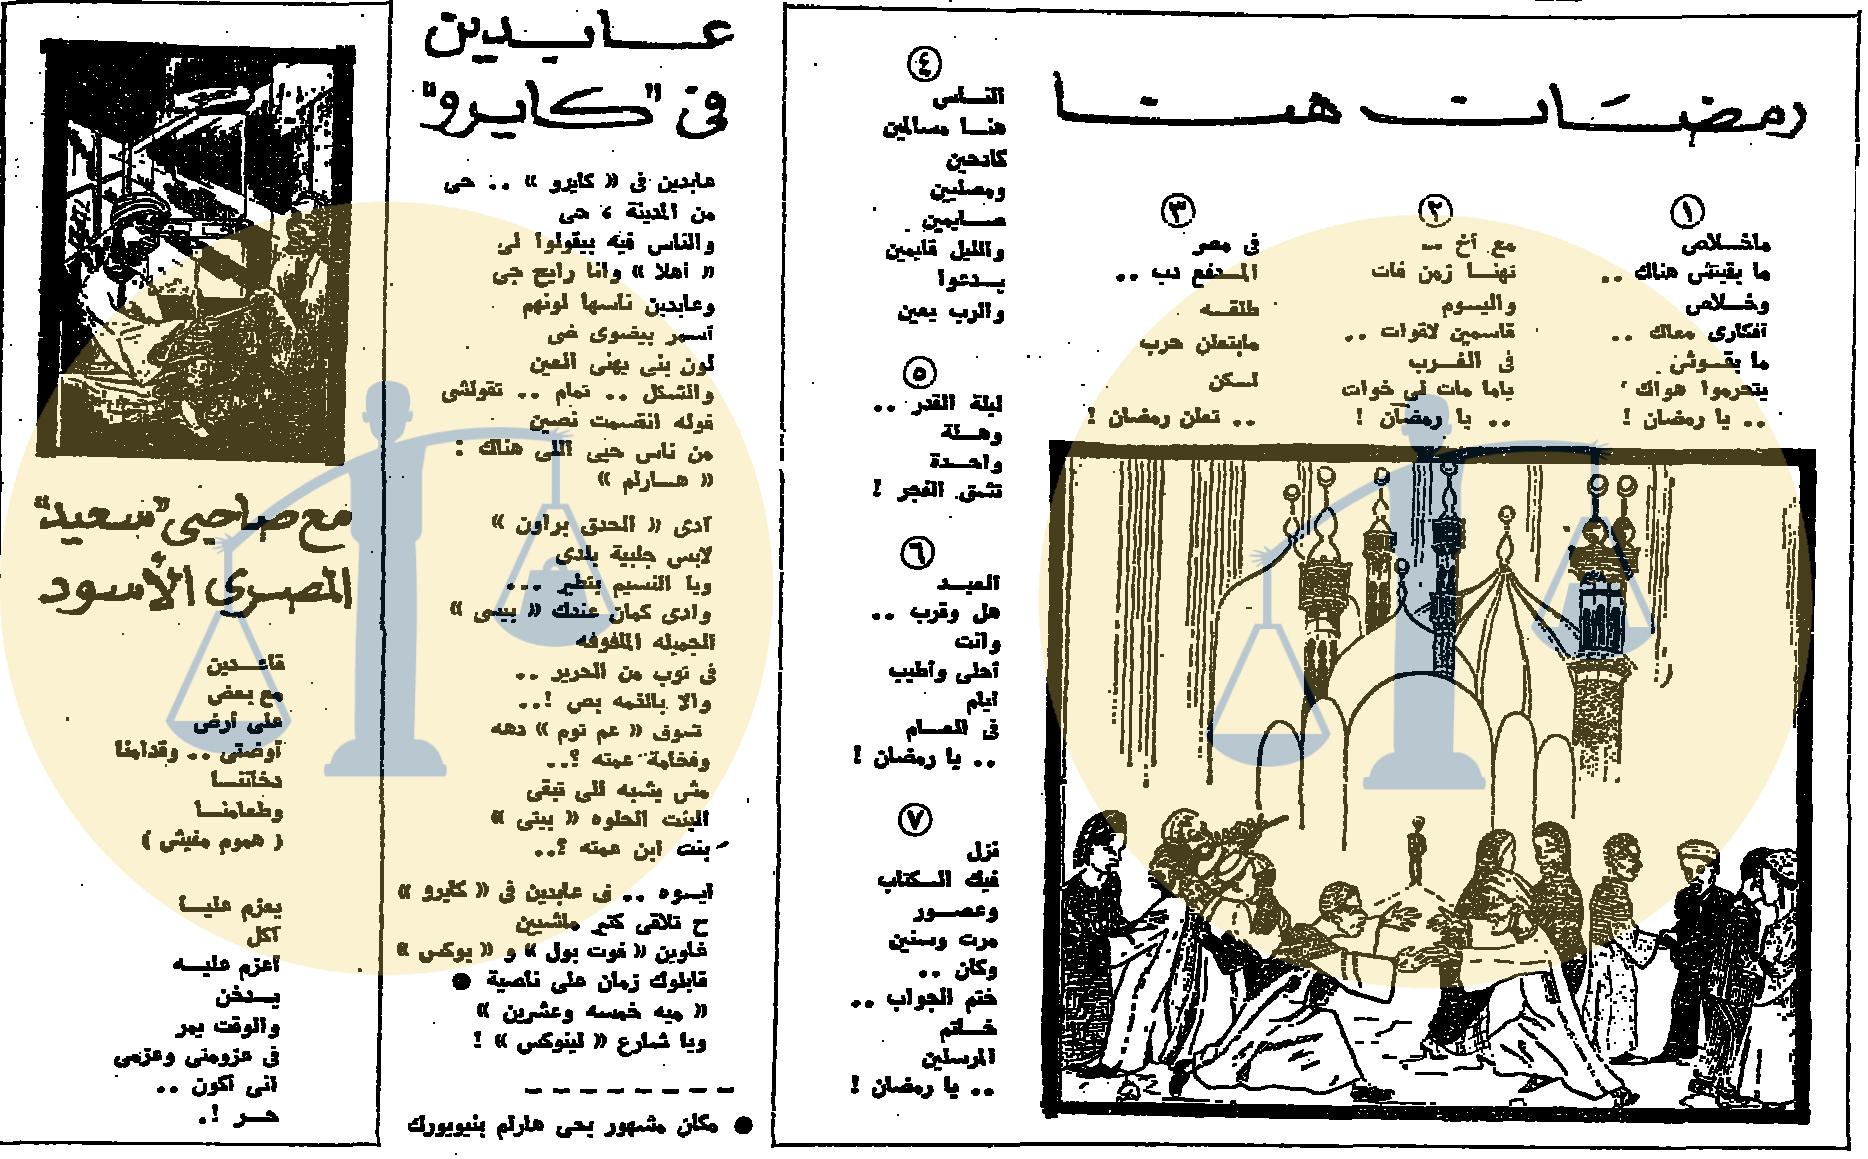 ثلاث قصائد أخرى من نظم إبراهيم إسماعيل